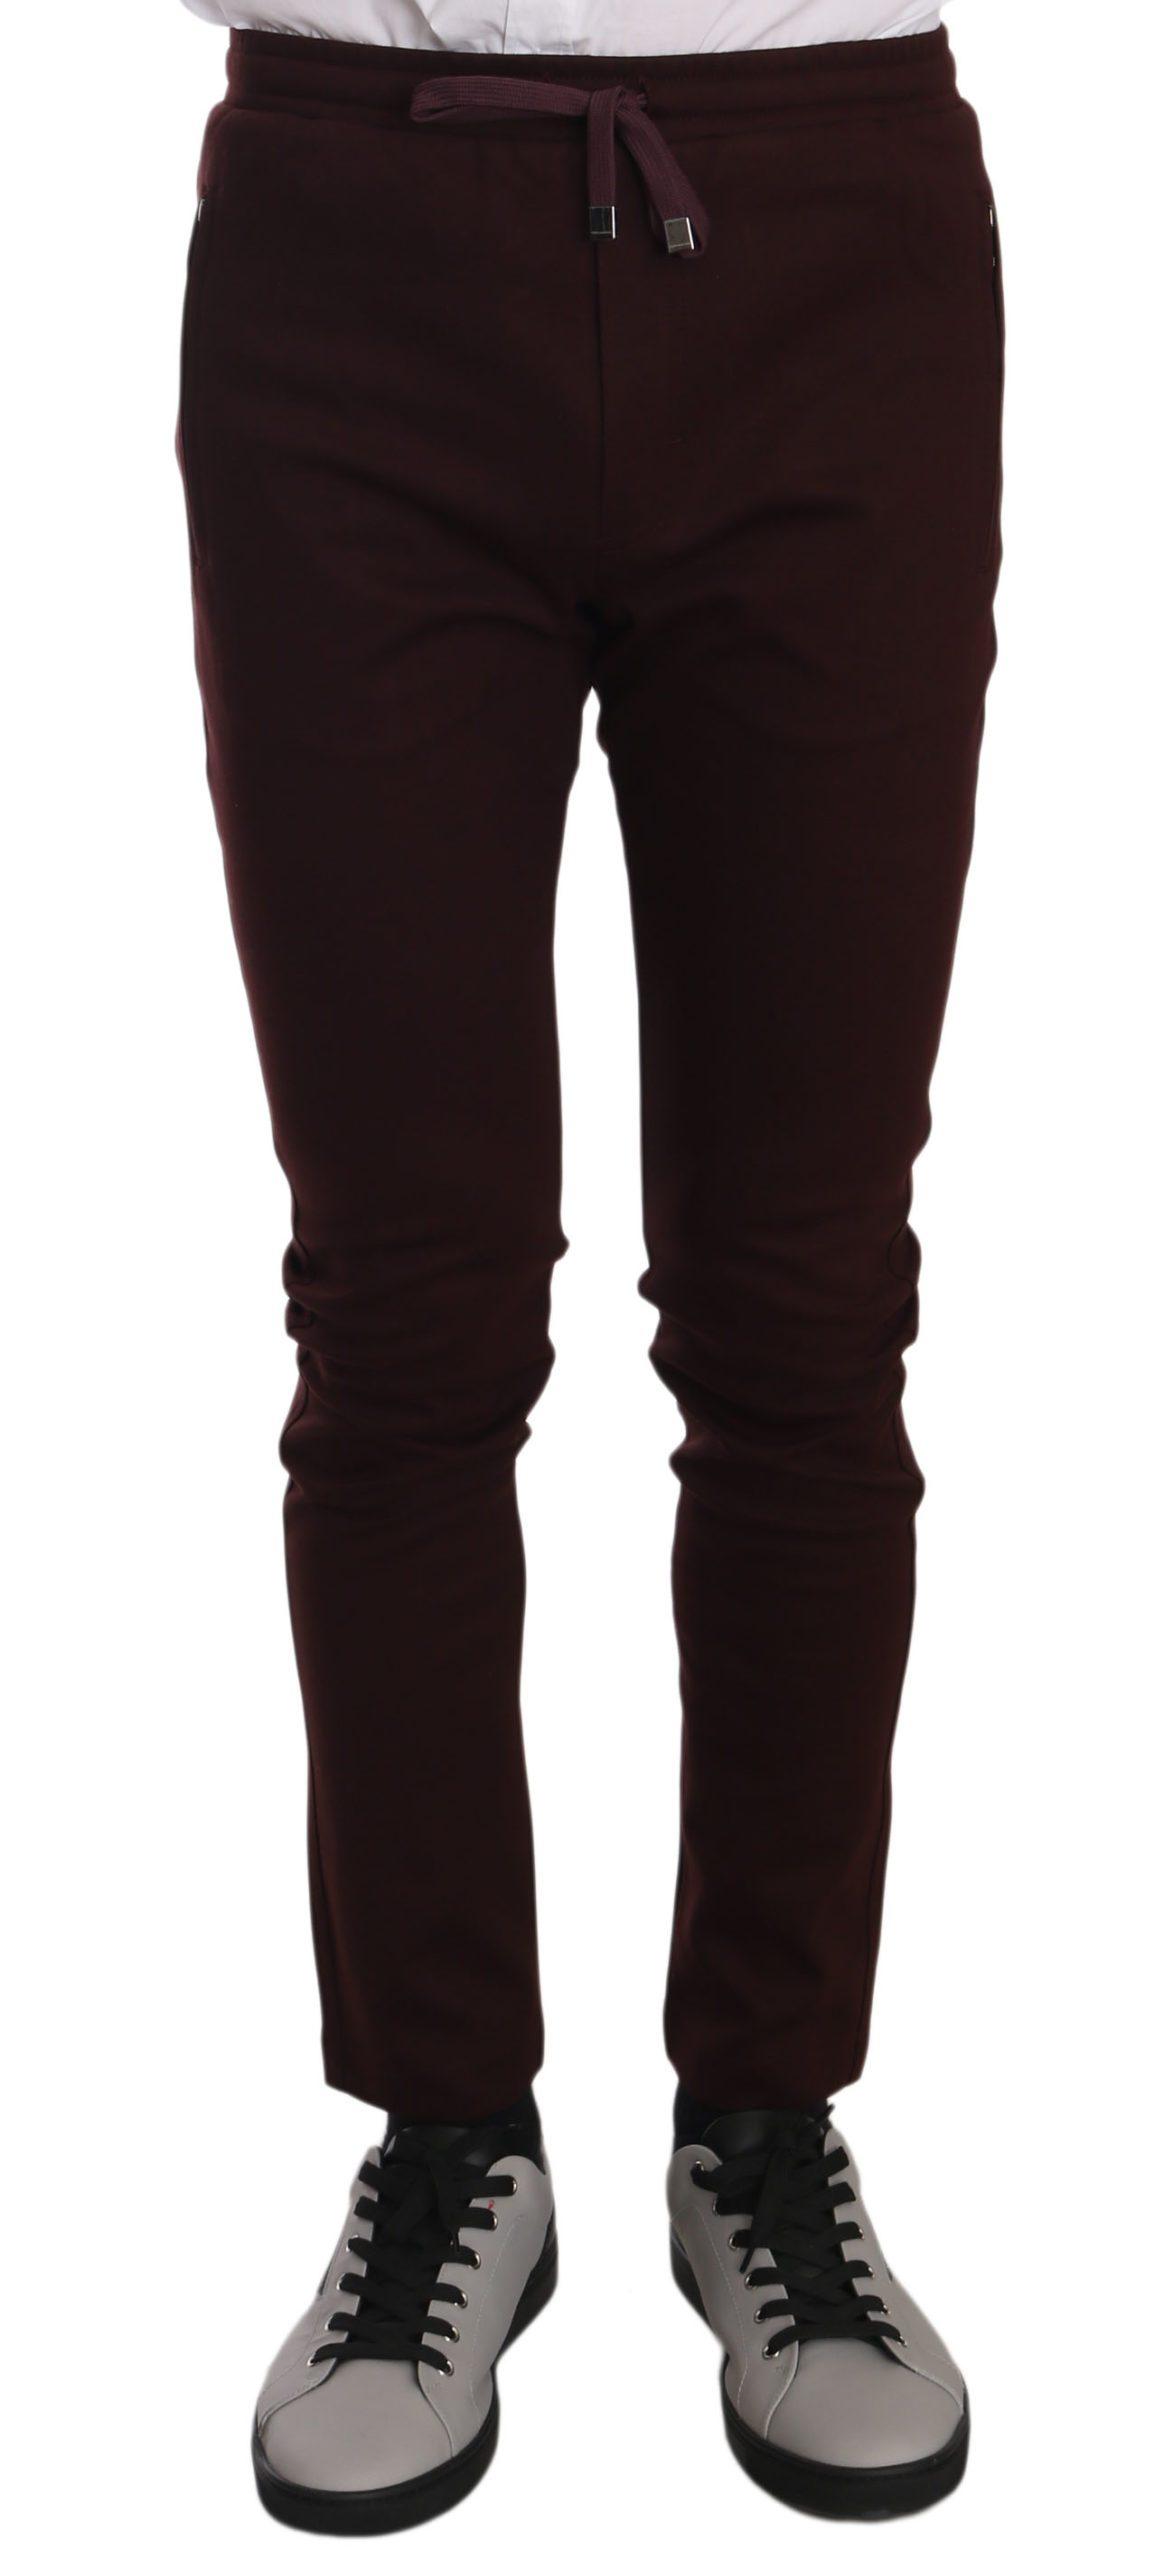 Dolce & Gabbana Men's Cotton Casual Training Trouser Bordeaux PAN61321 - IT46 | S